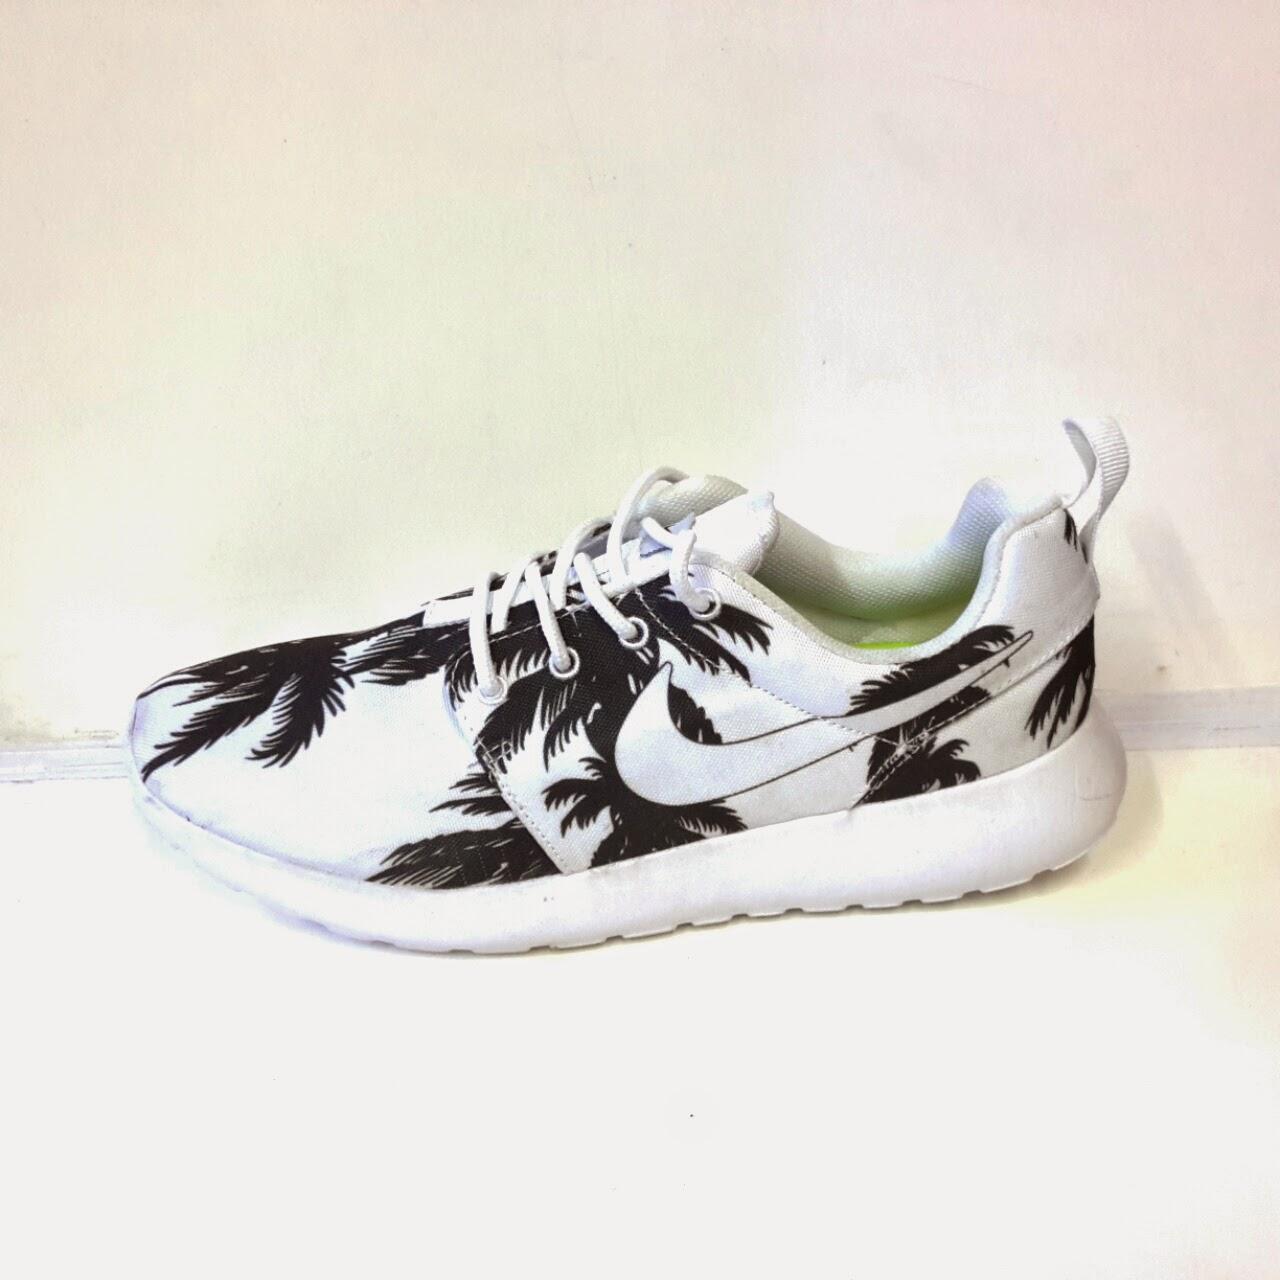 Sepatu Nike Roshe Run Men s   Jual Sepatu Murah  0ec503748f